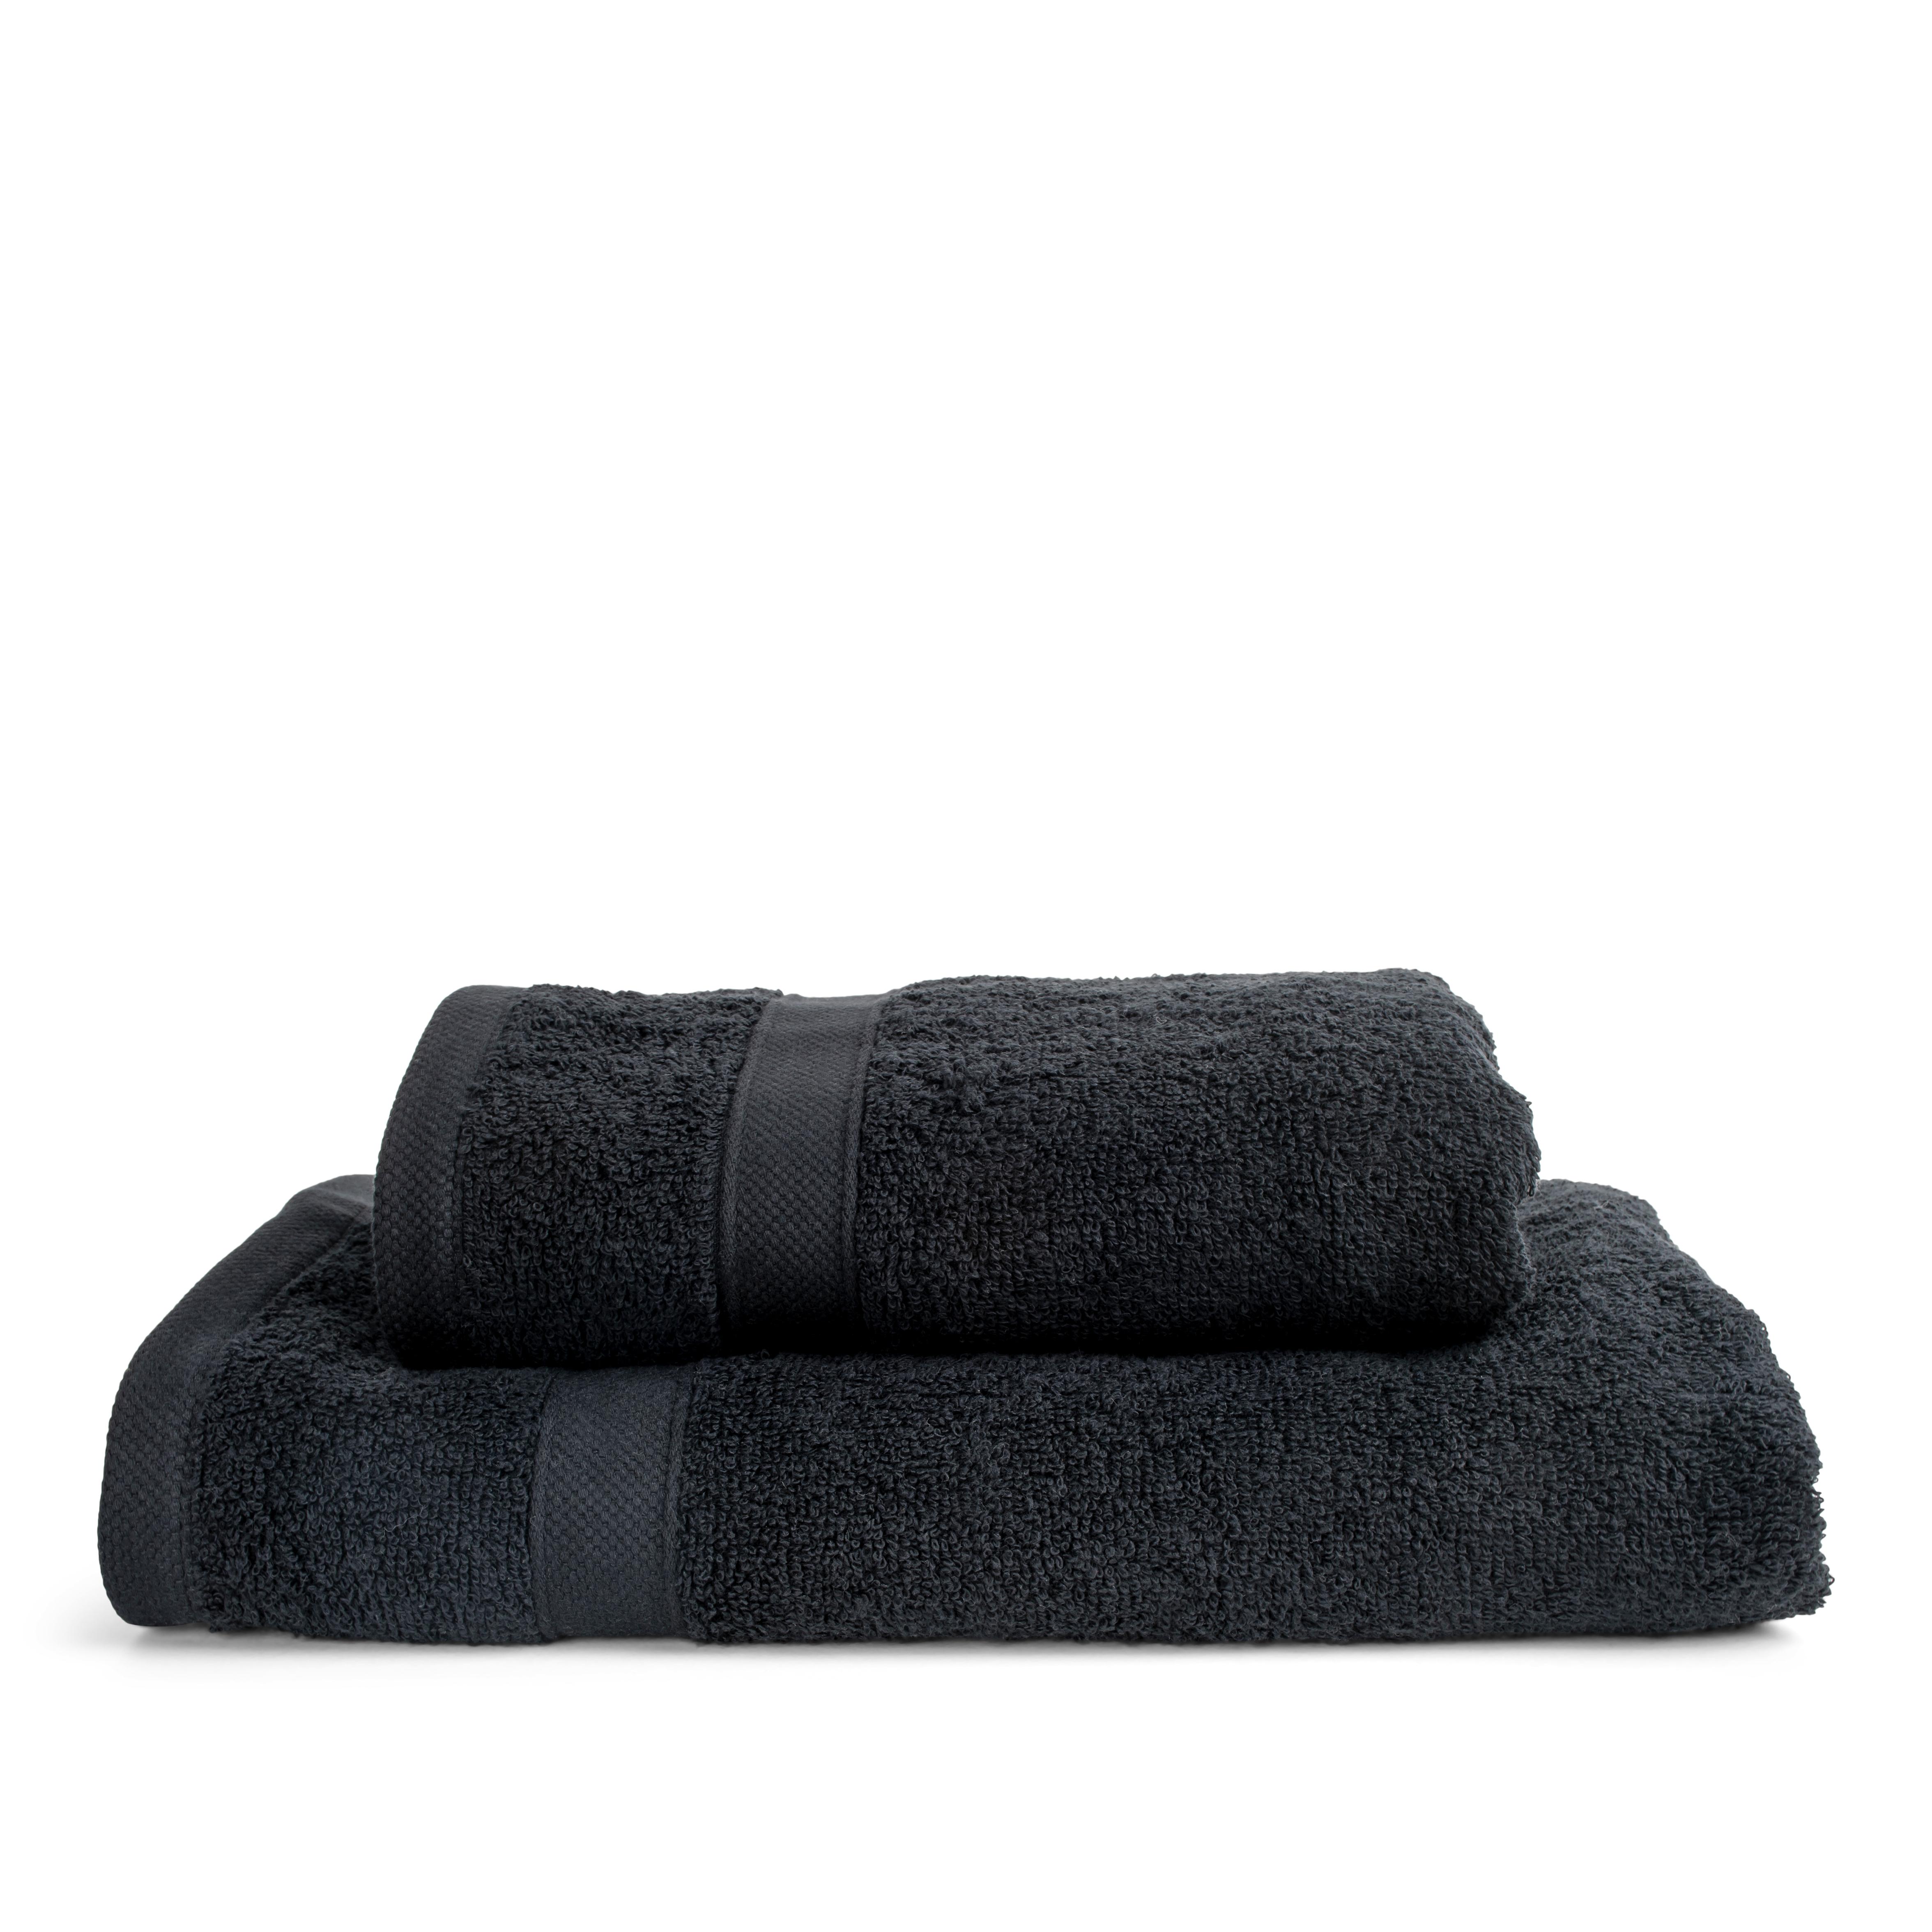 Nordstrand Basic Uno håndklæde, 70x140 cm, sort